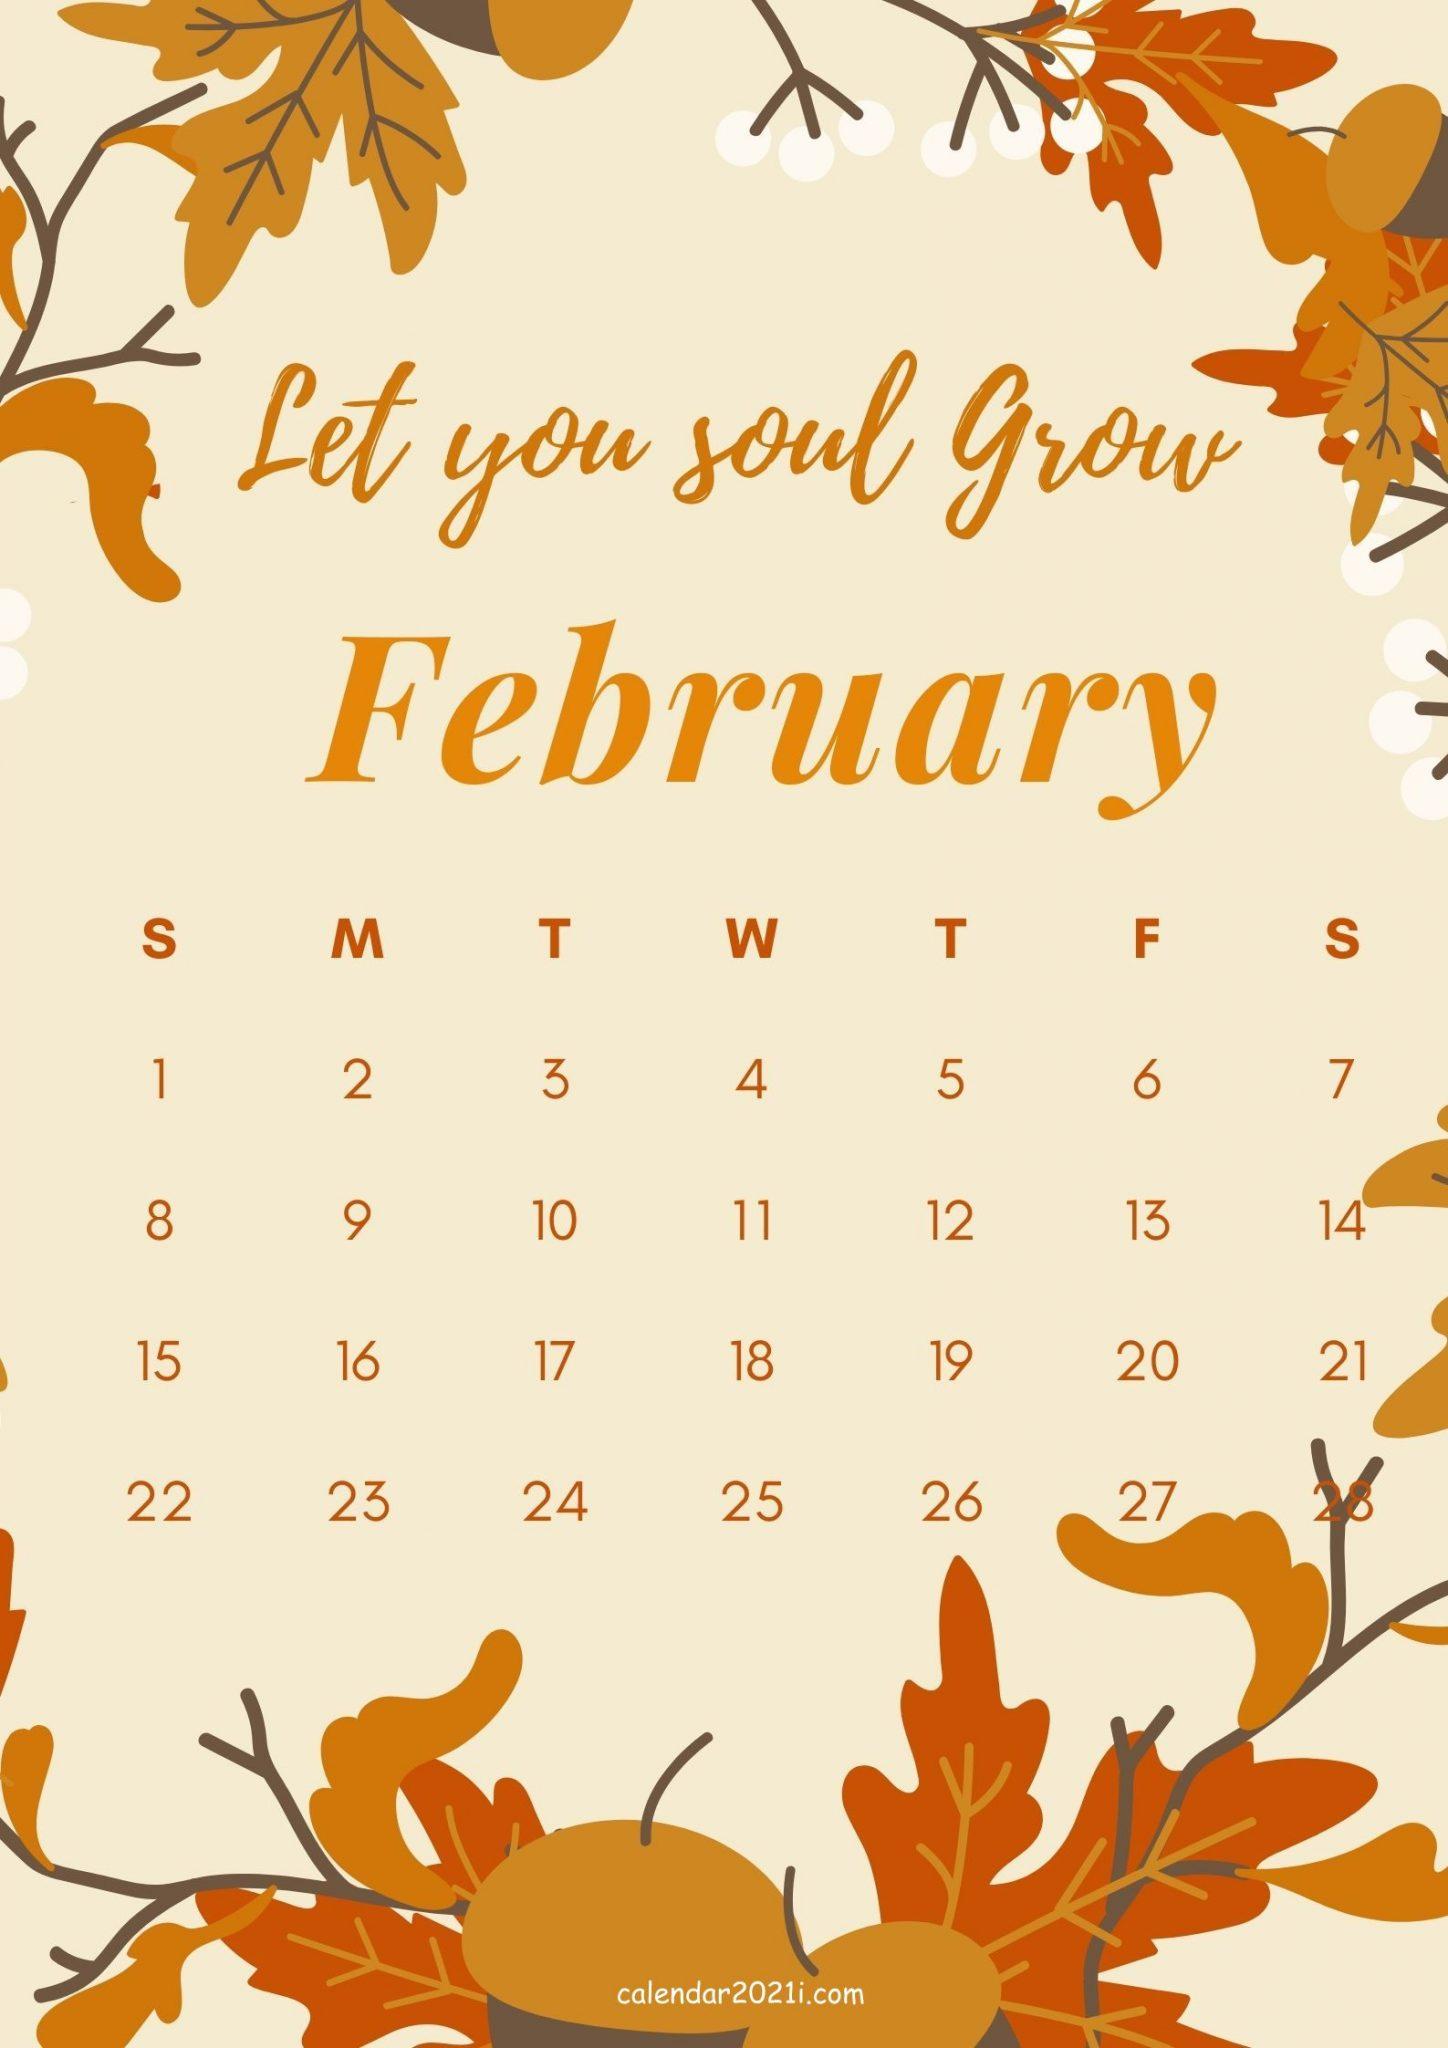 February 2021 Motivational Quote Calendar